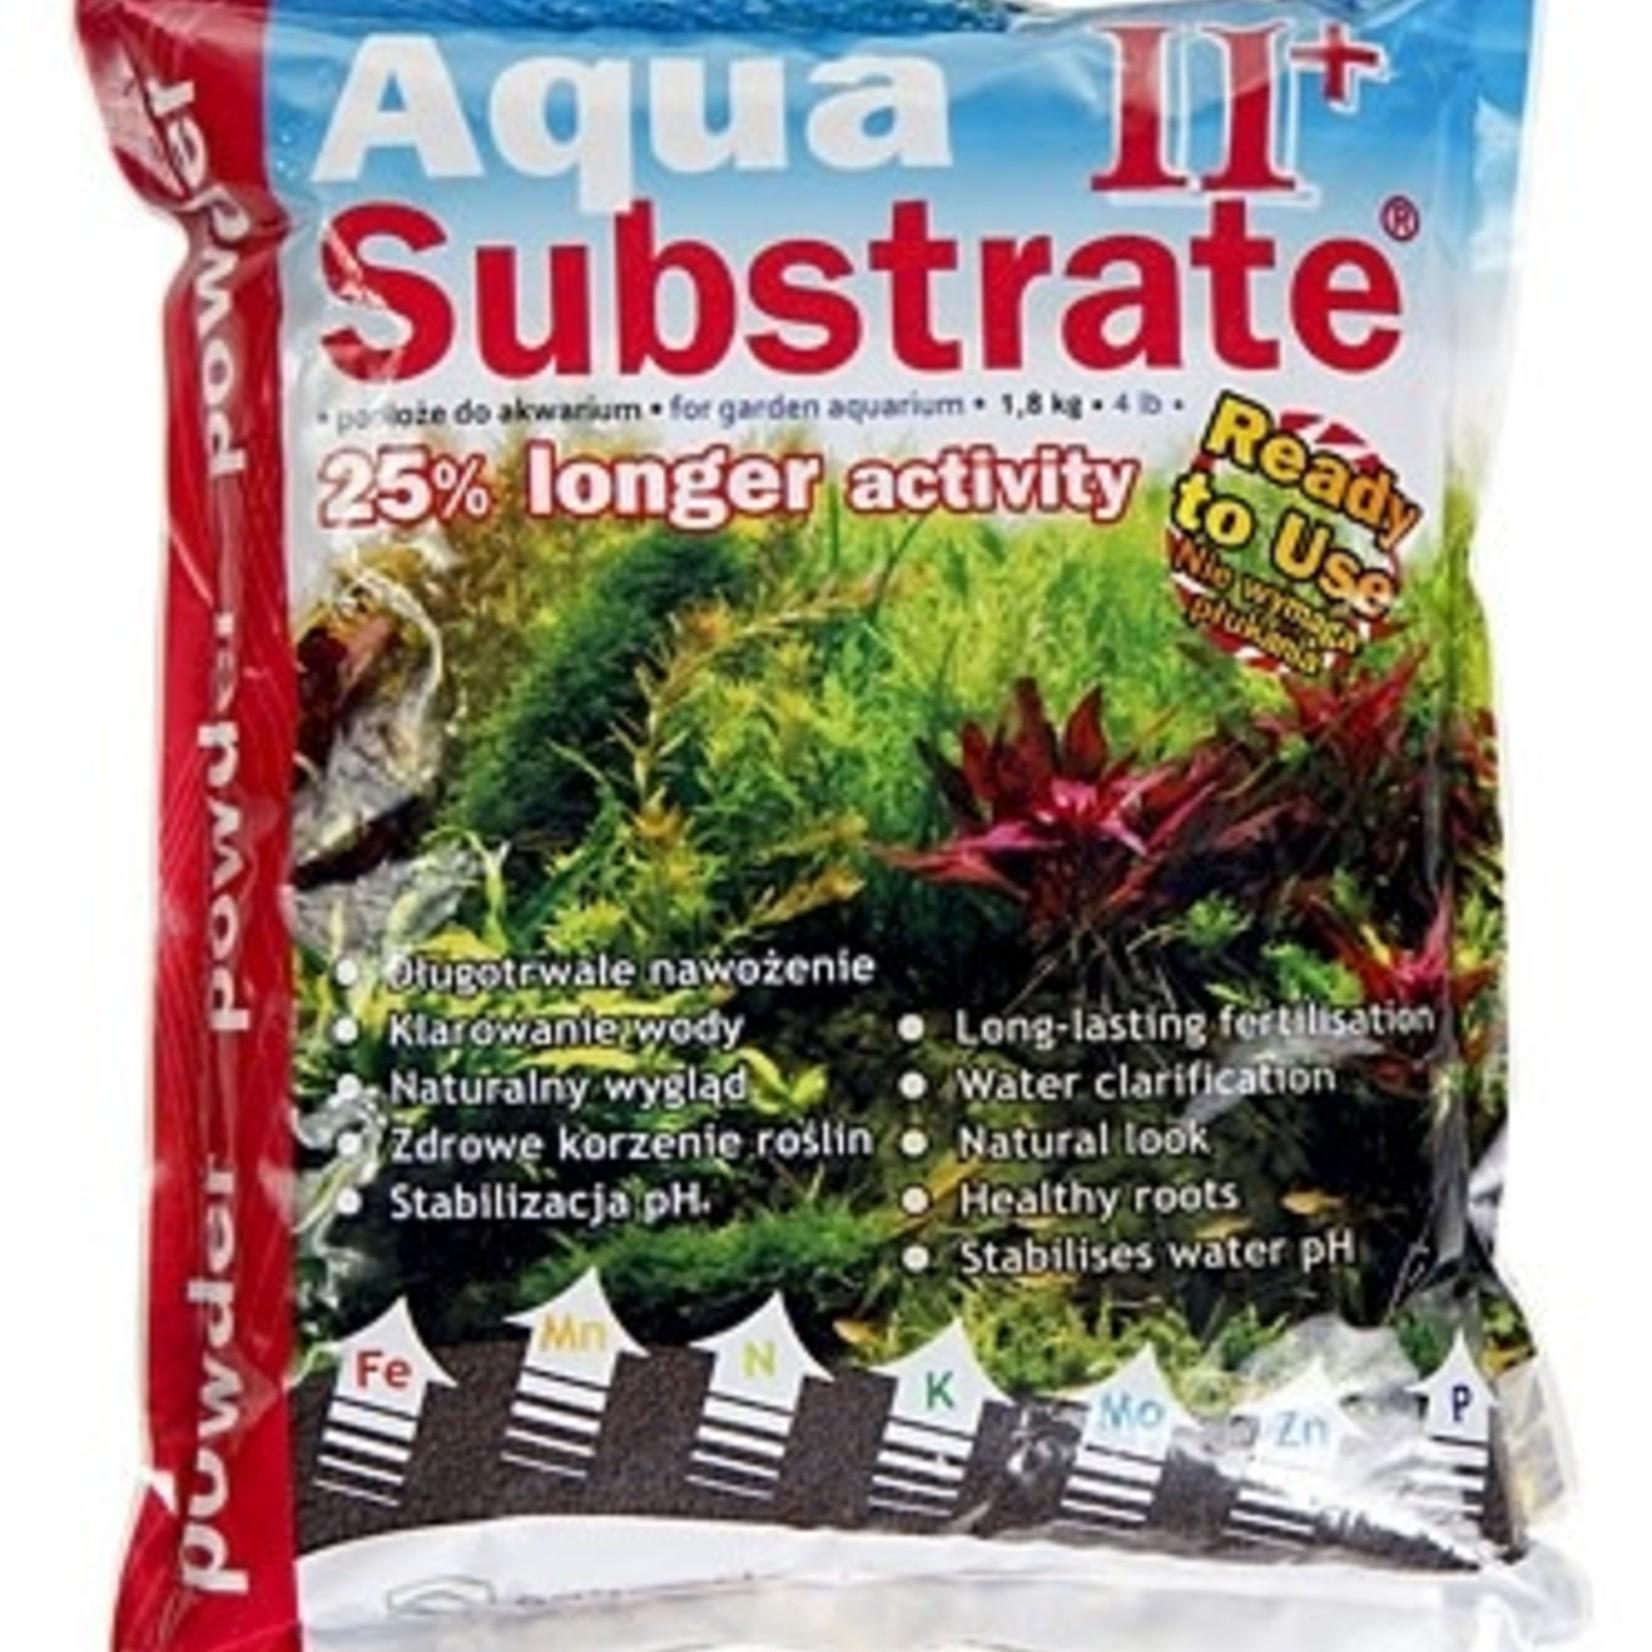 Aqua-Art Aqua Substrate II 1,8kg Powder